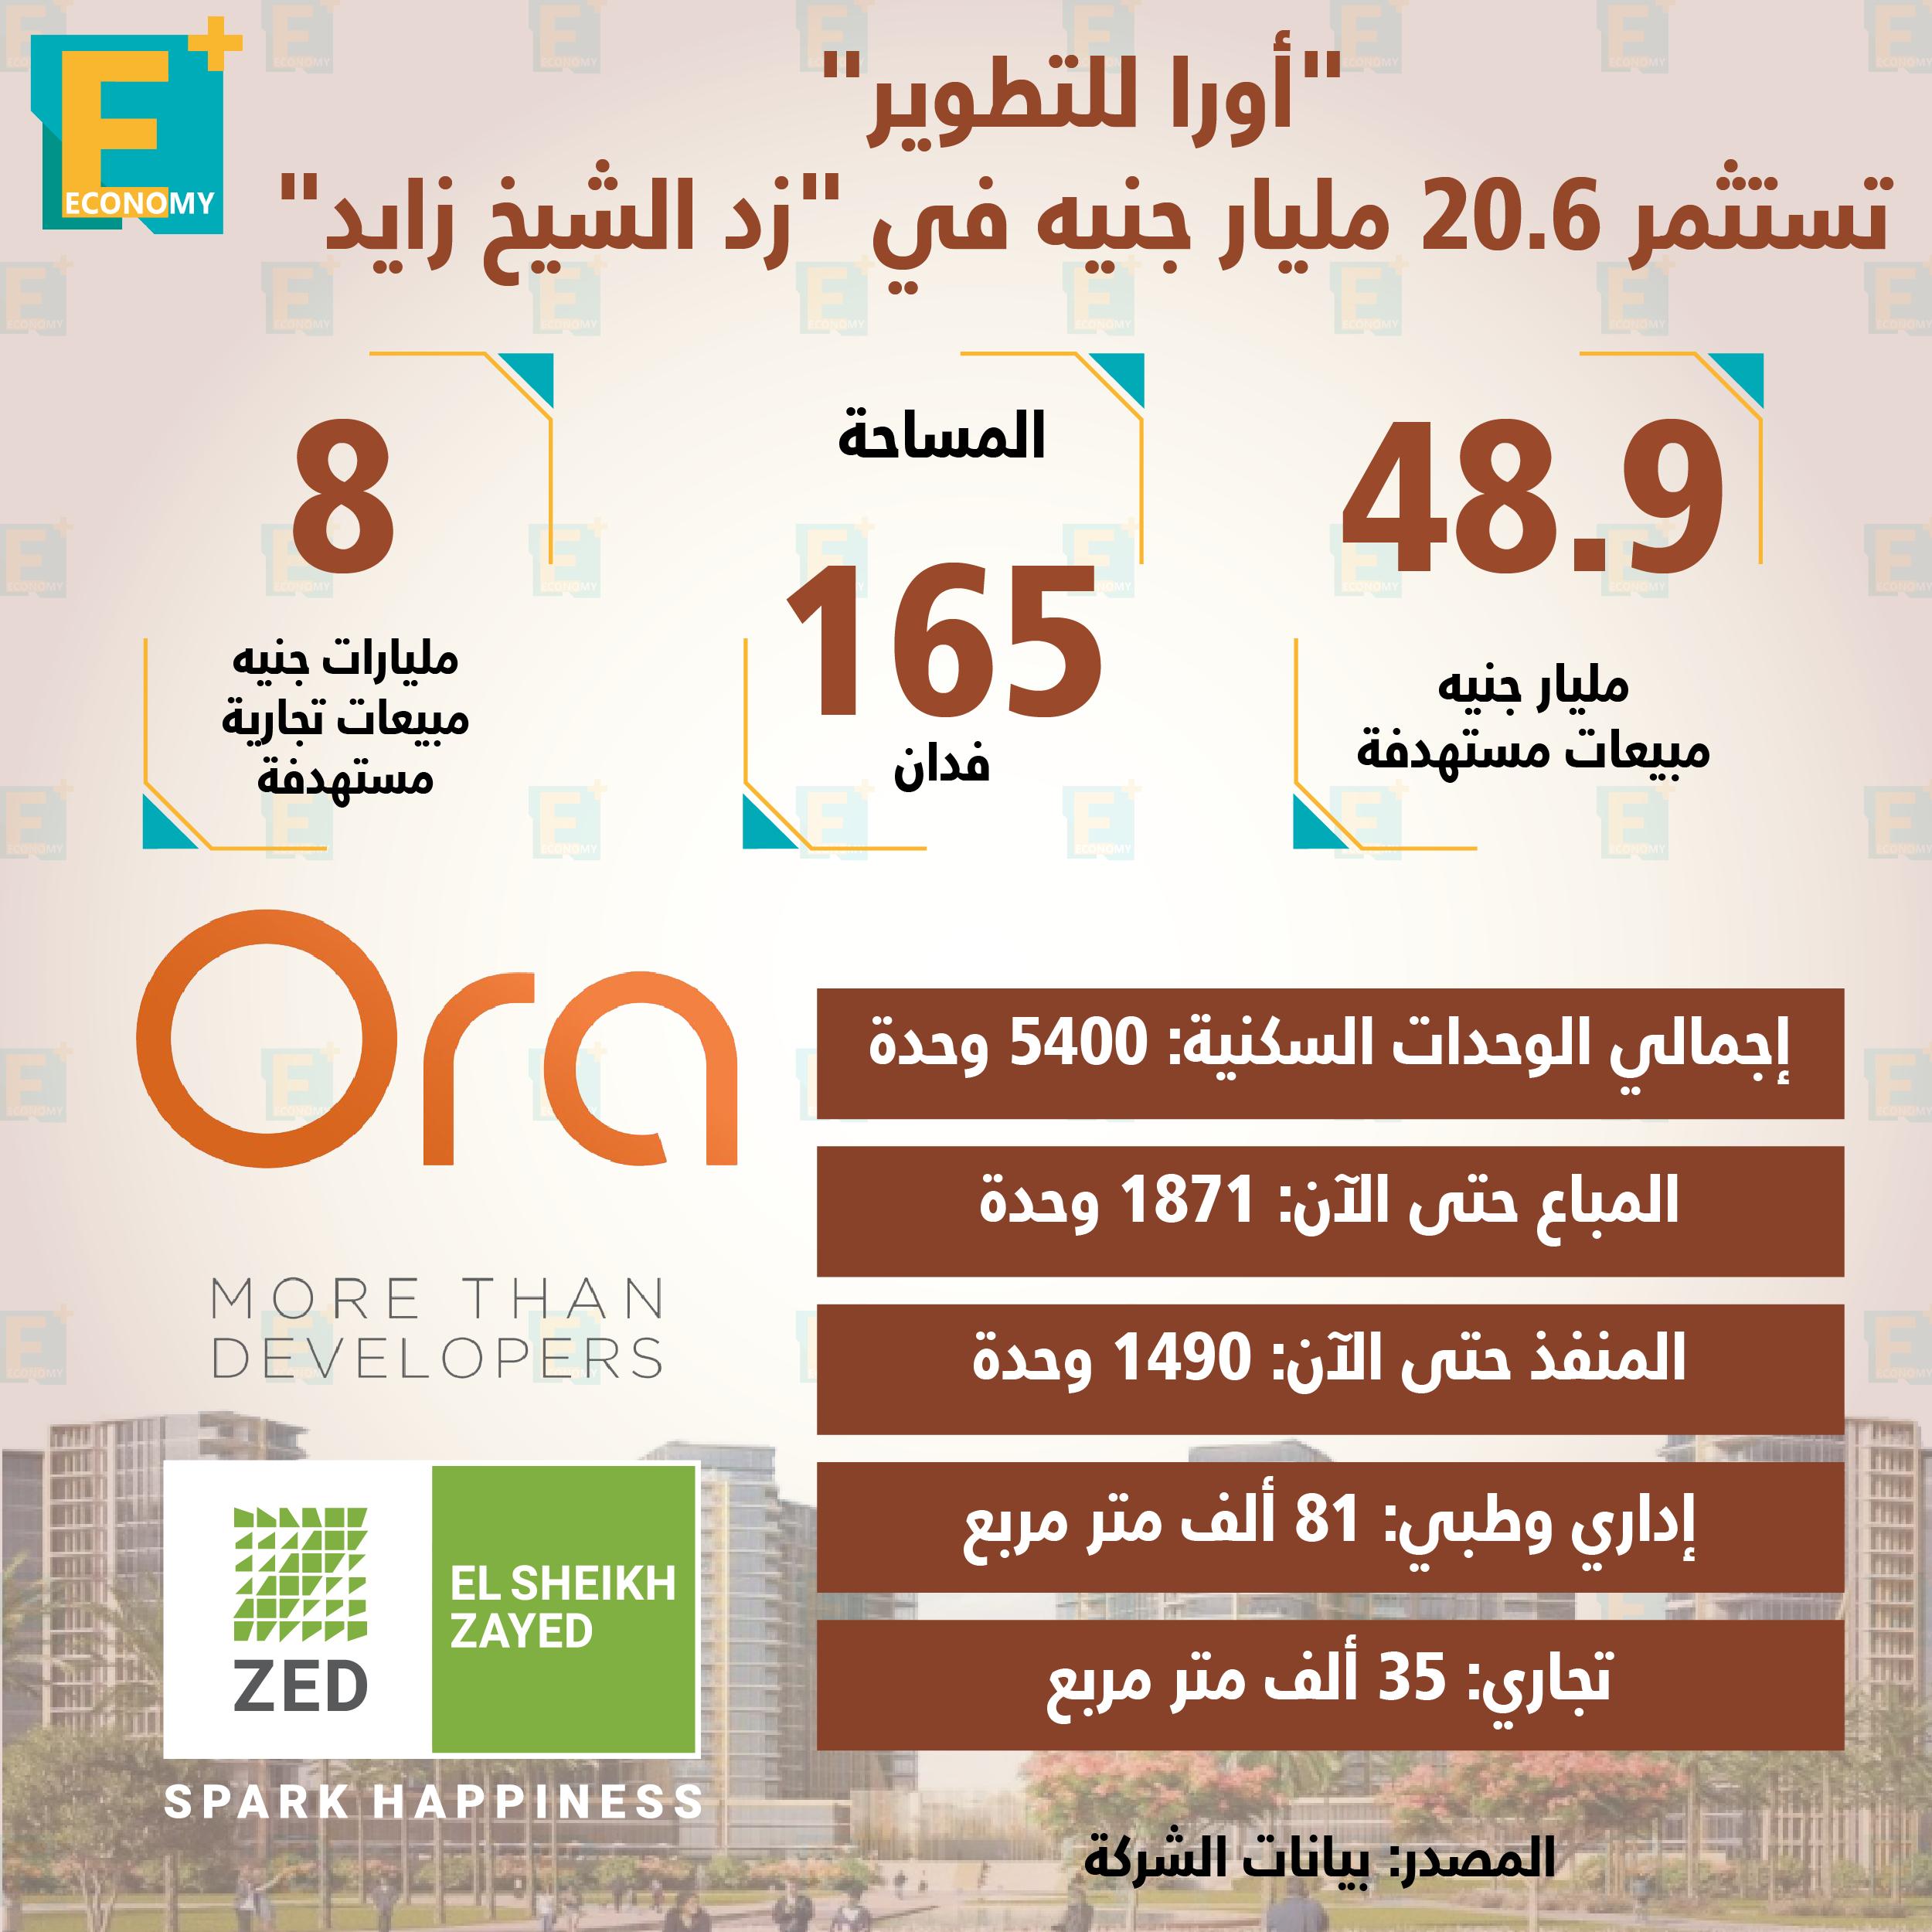 """""""أورا للتطوير"""" تستثمر 20.6 مليار جنيه في """"زد الشيخ زايد"""""""